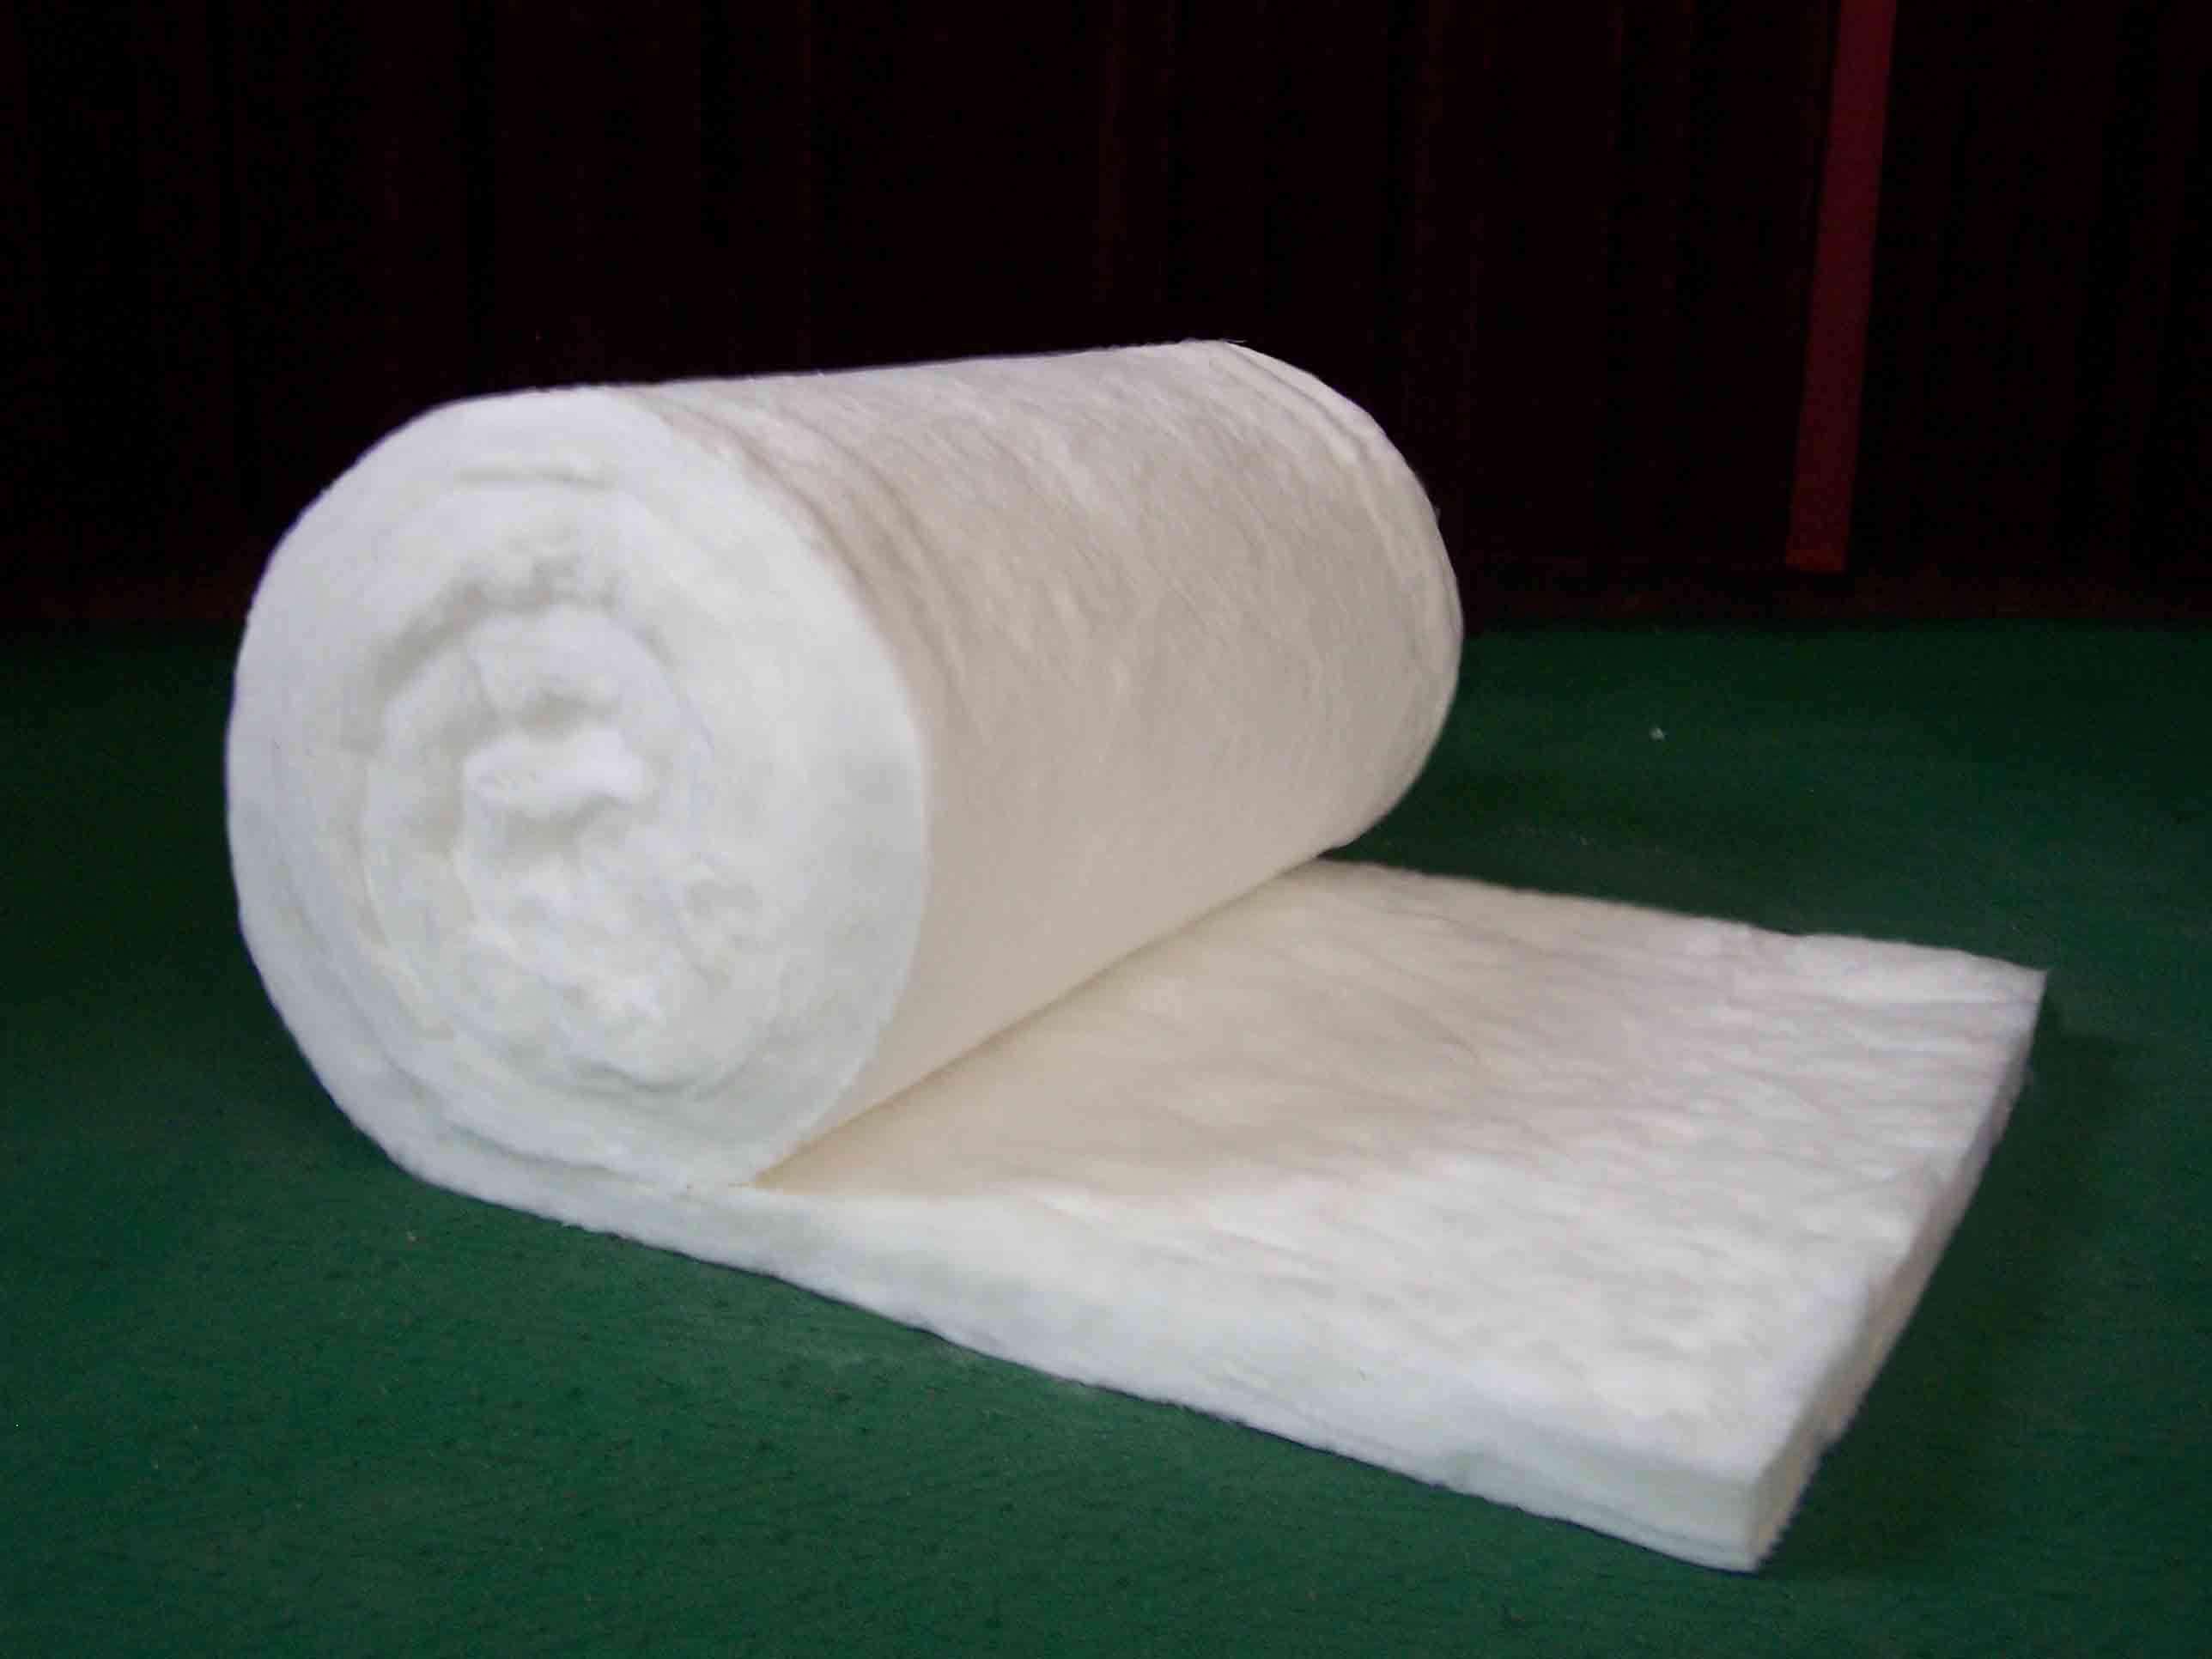 Ceramic Fibre Blanket Ceramic Fiber Blanket Ceramic Fire Blanket Ceramic Fiber Lining Fibre